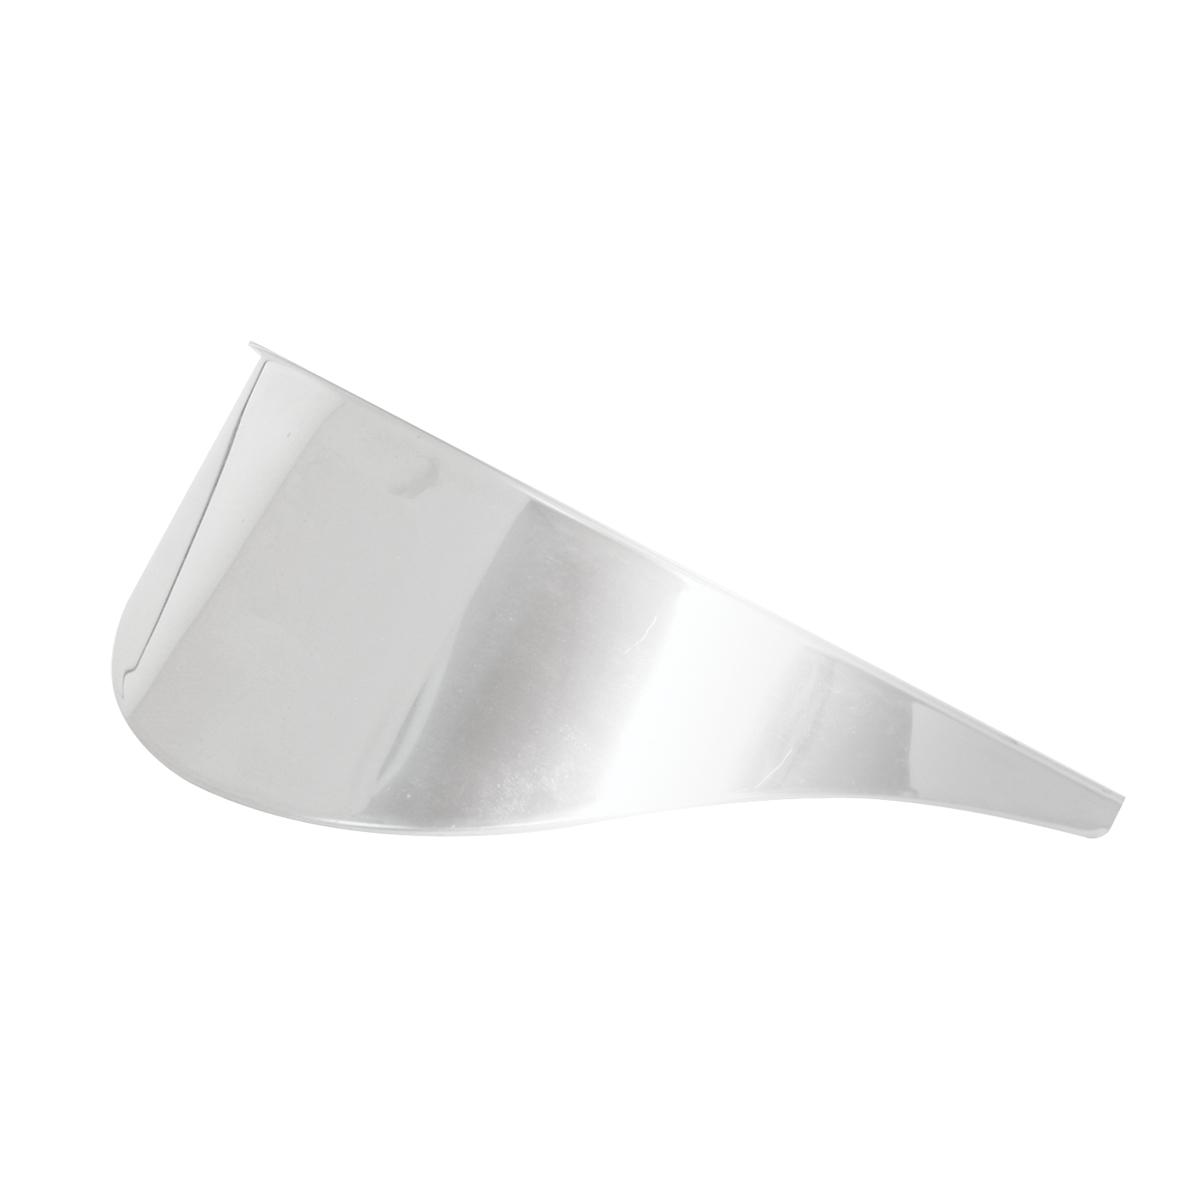 Round Universal Headlight Visor